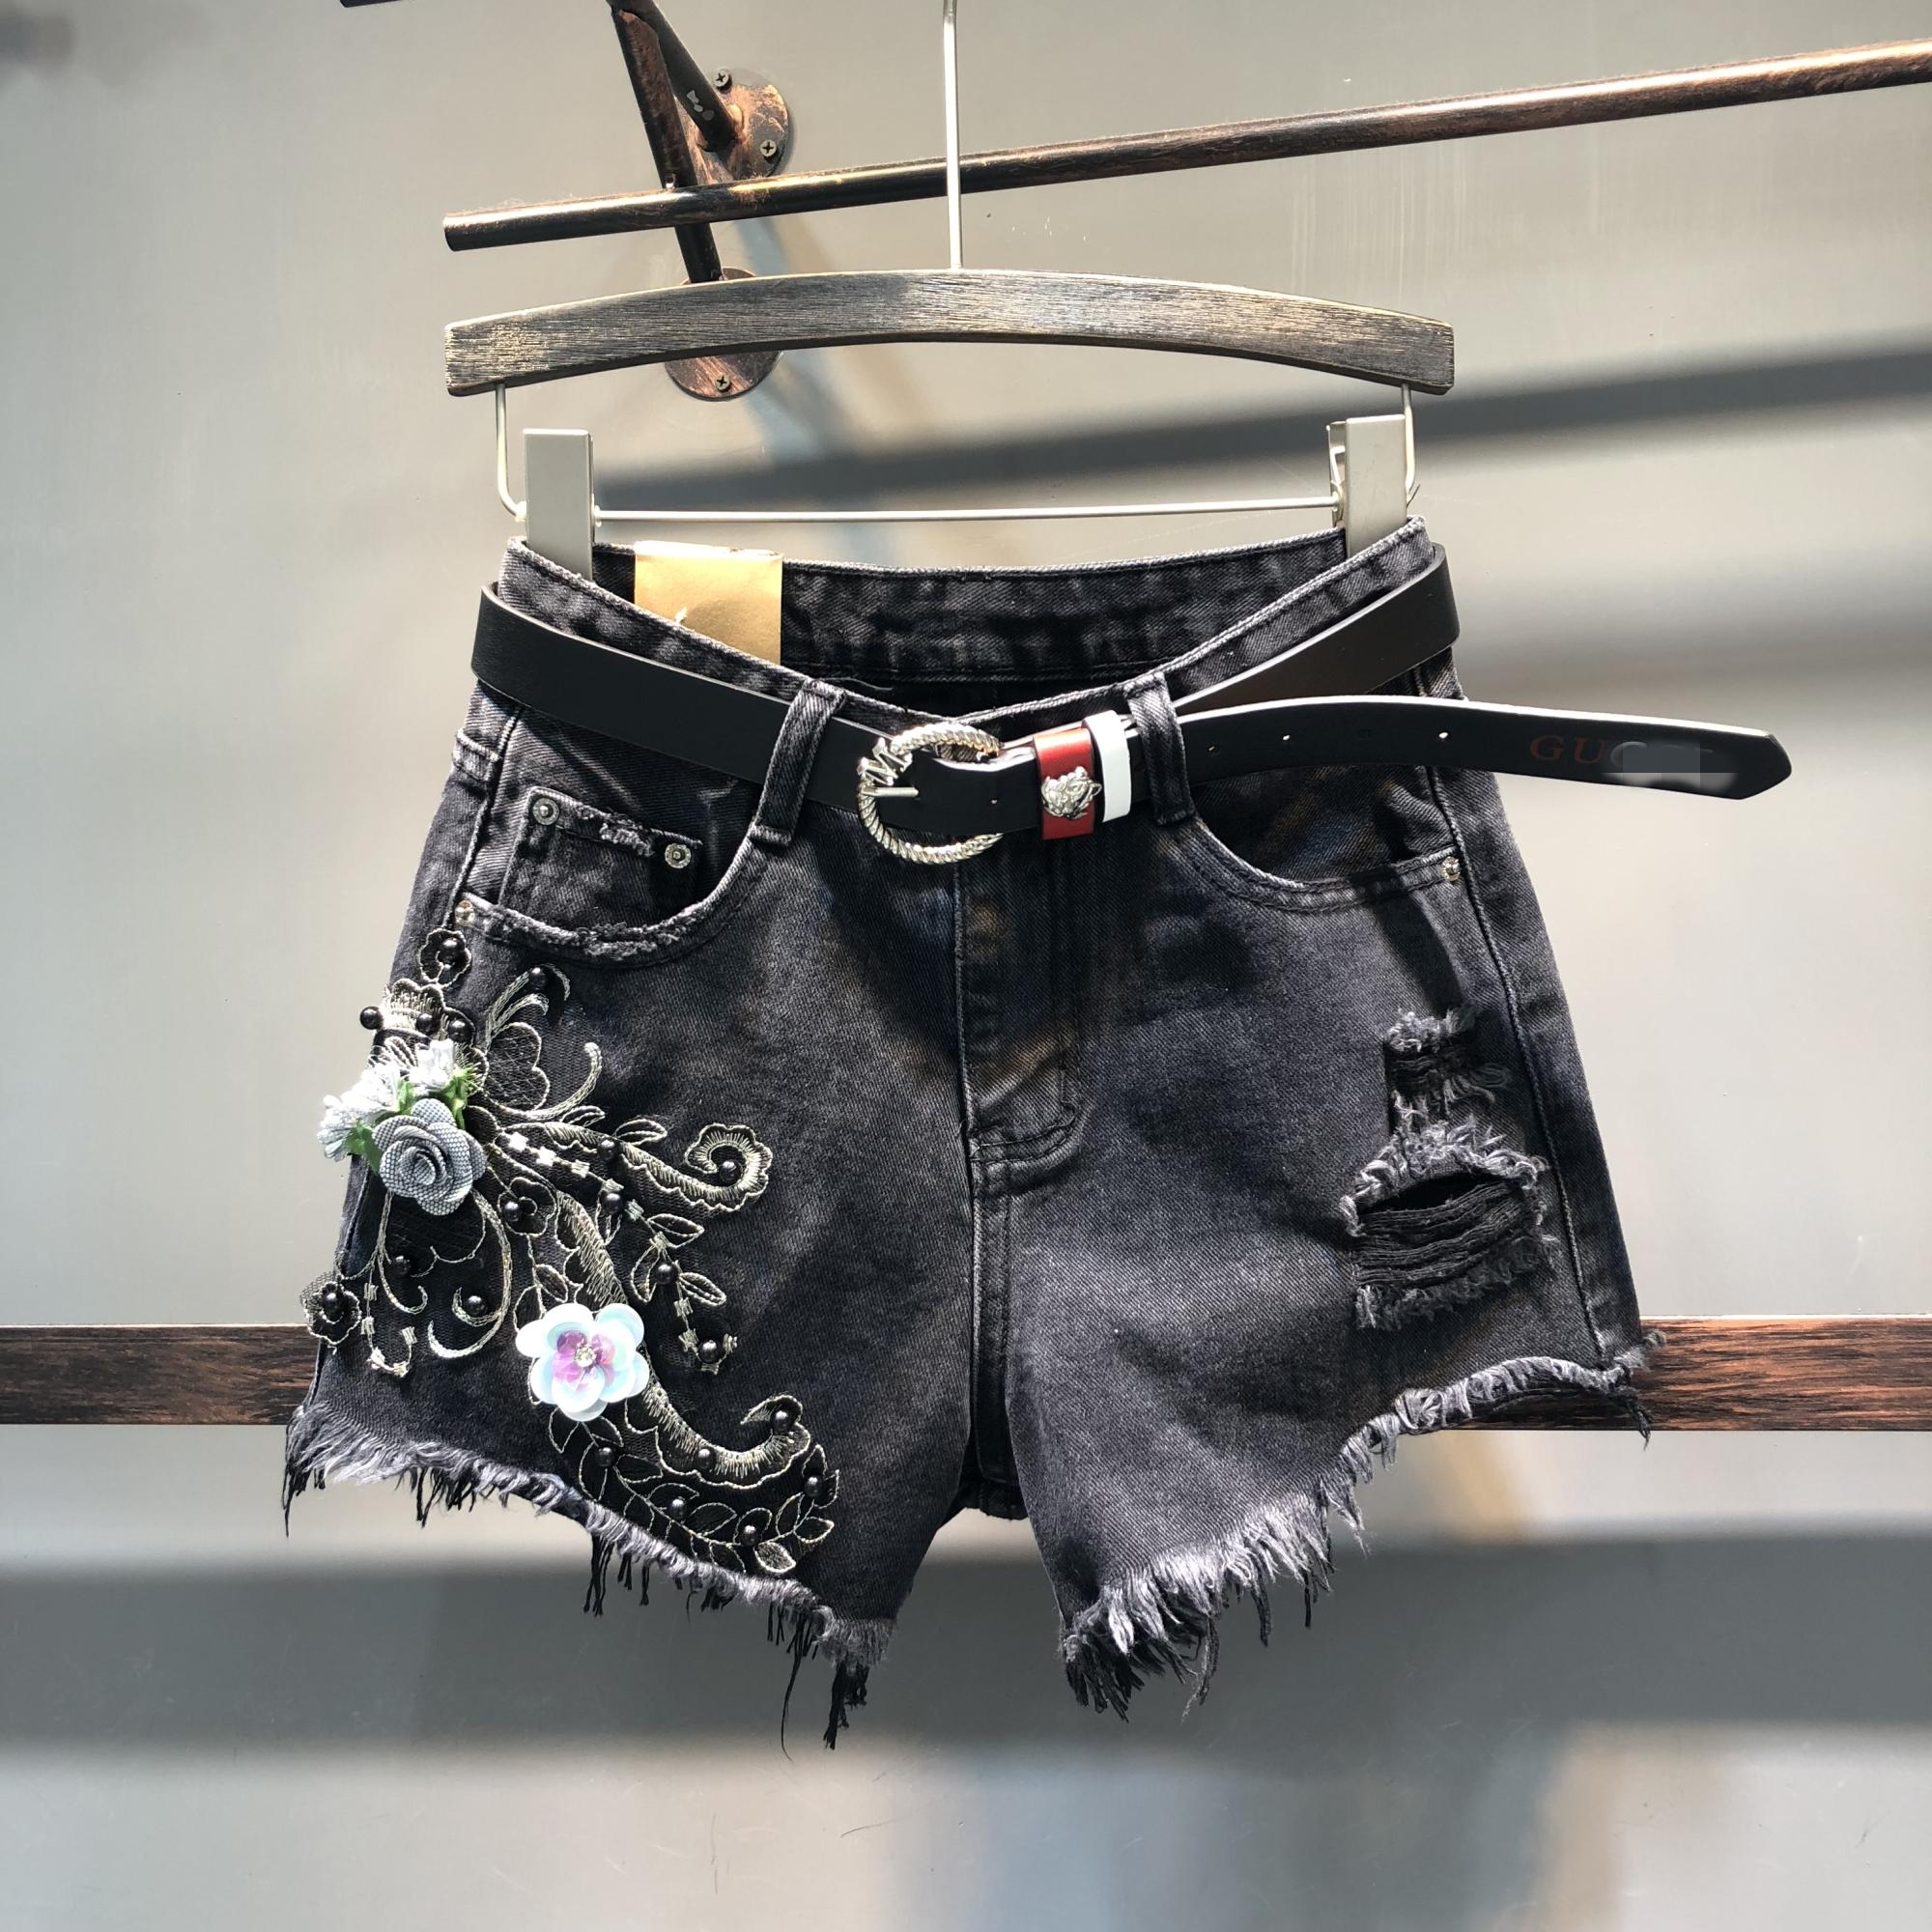 钉珠流苏牛仔短裤穿搭|钉珠流苏牛仔短裤搭配|钉珠流苏牛仔短裤推荐|意思- 淘宝海外